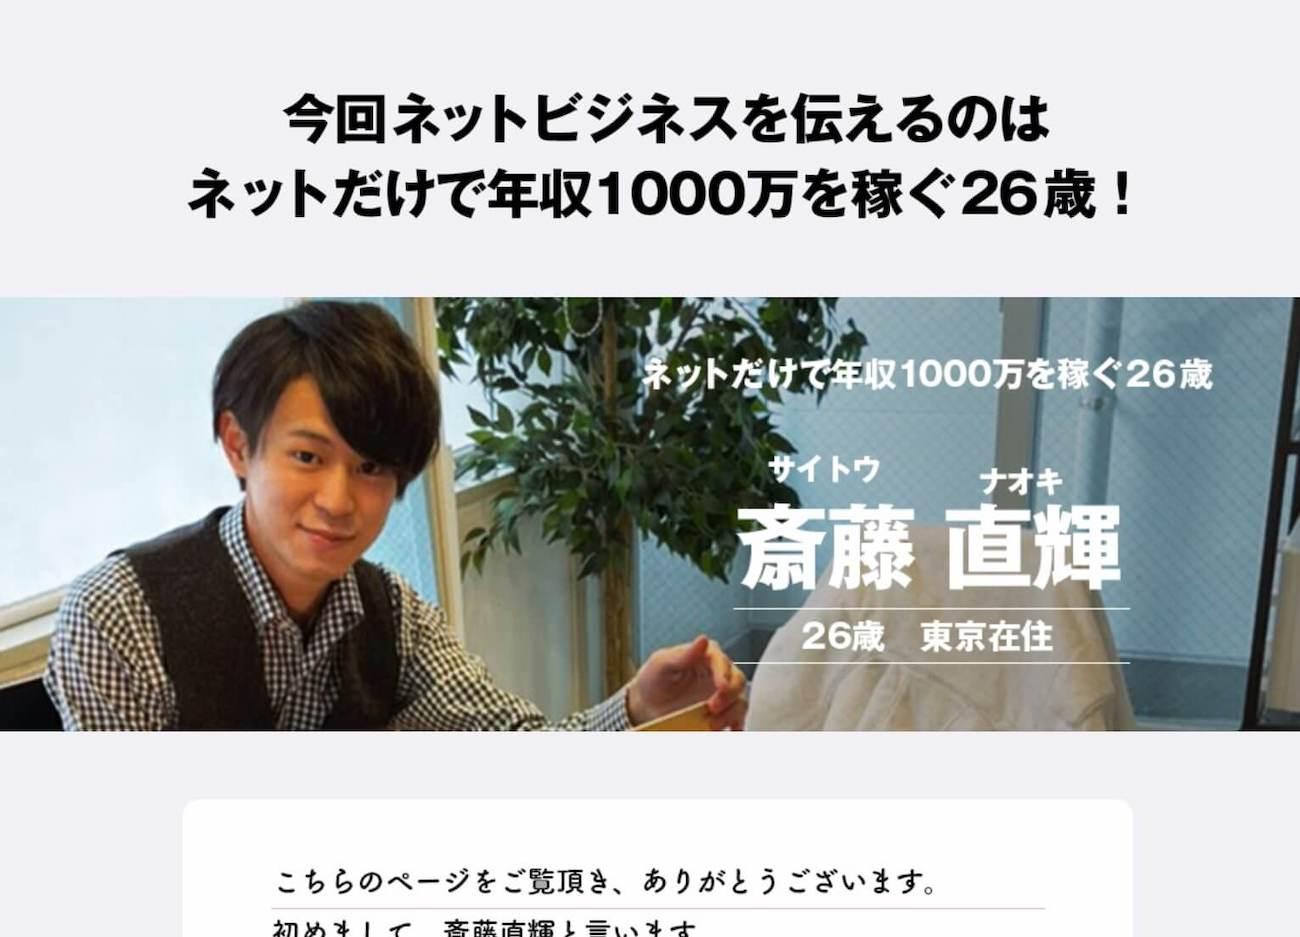 斎藤直輝|ネットビジネスプロジェクトは詐欺か!斎藤直輝の評判・口コミは怪しい?参加すれば年収1000万円稼げるの?